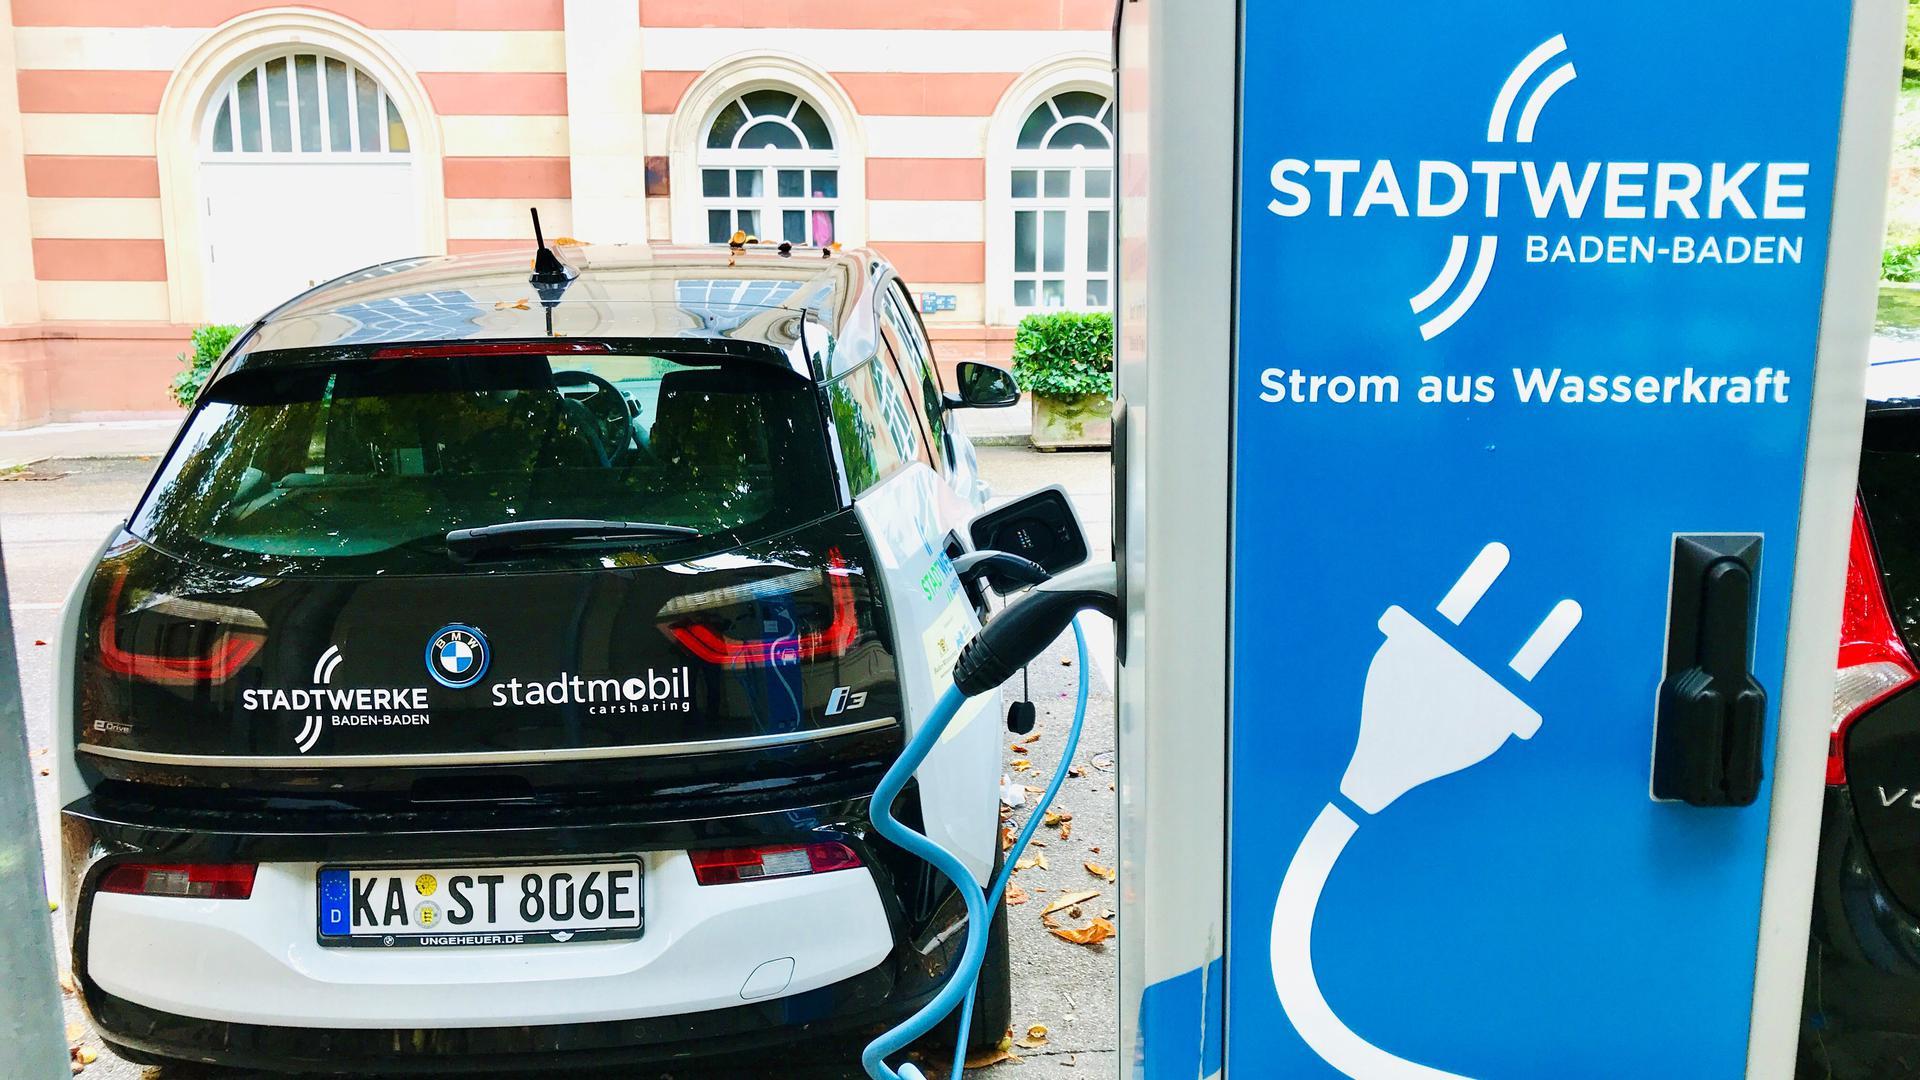 Ladestation für Elektroauto in Baden-Baden.